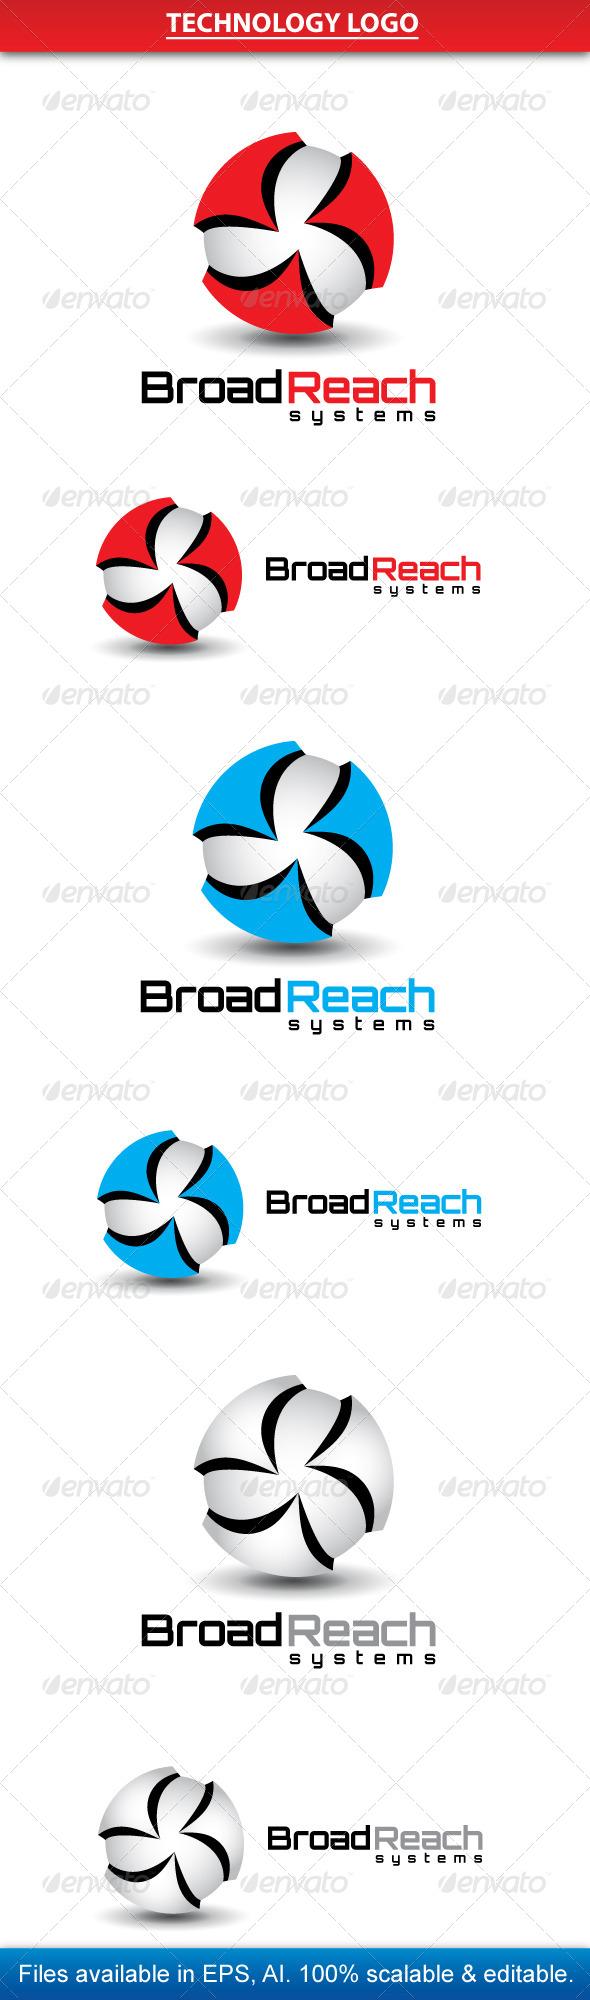 Technology Logo  - Vector Abstract